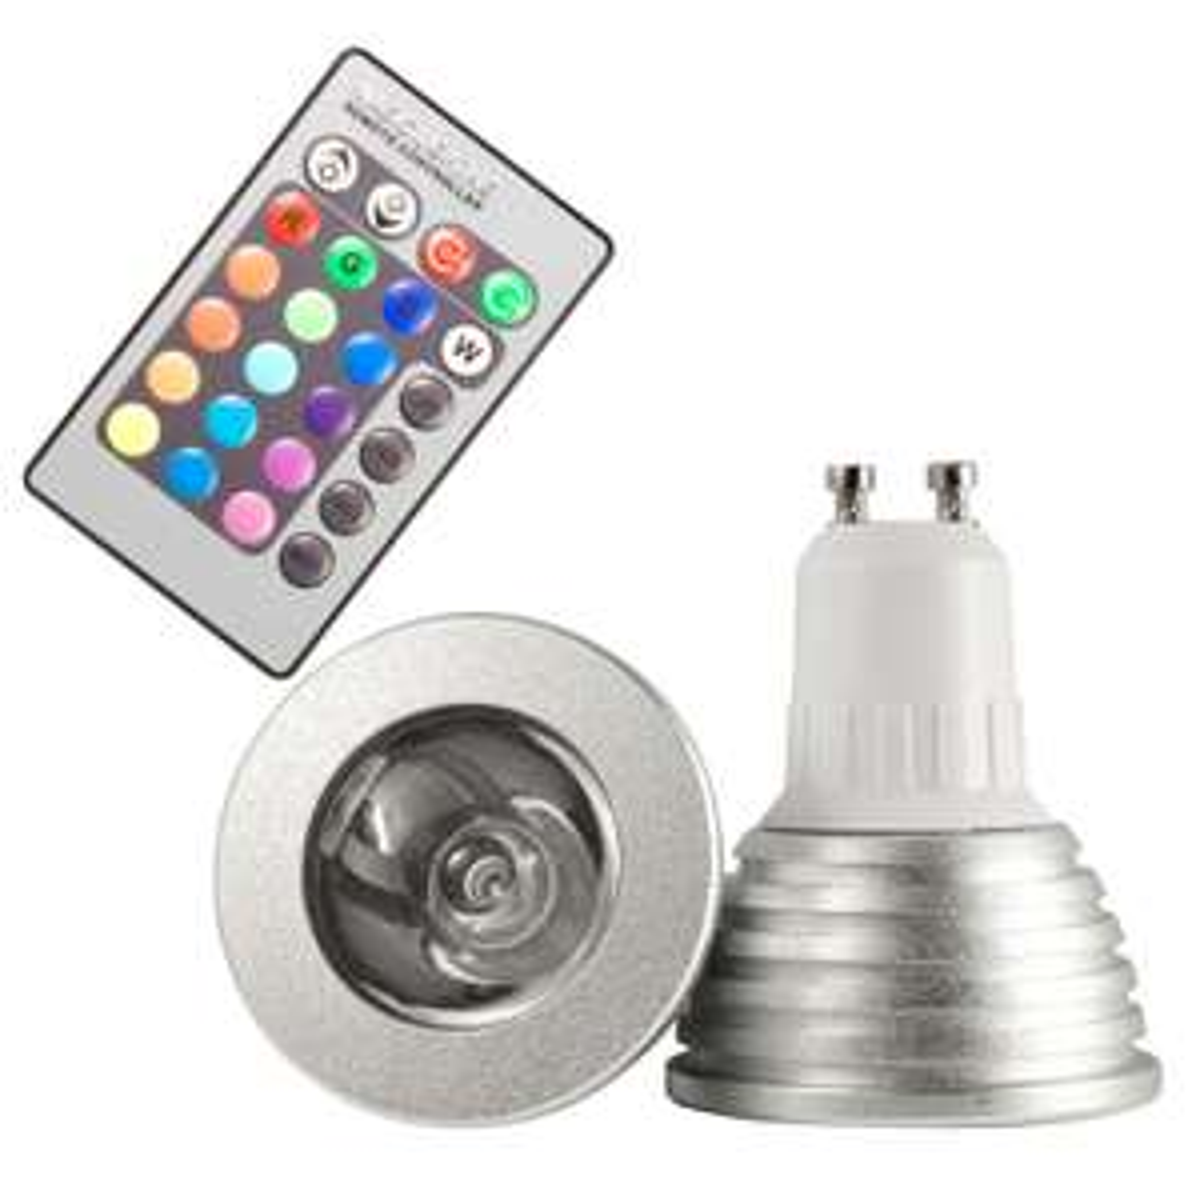 Ampoule 3W GU10 avec 16 changement de couleur à LED RVB + télécommande